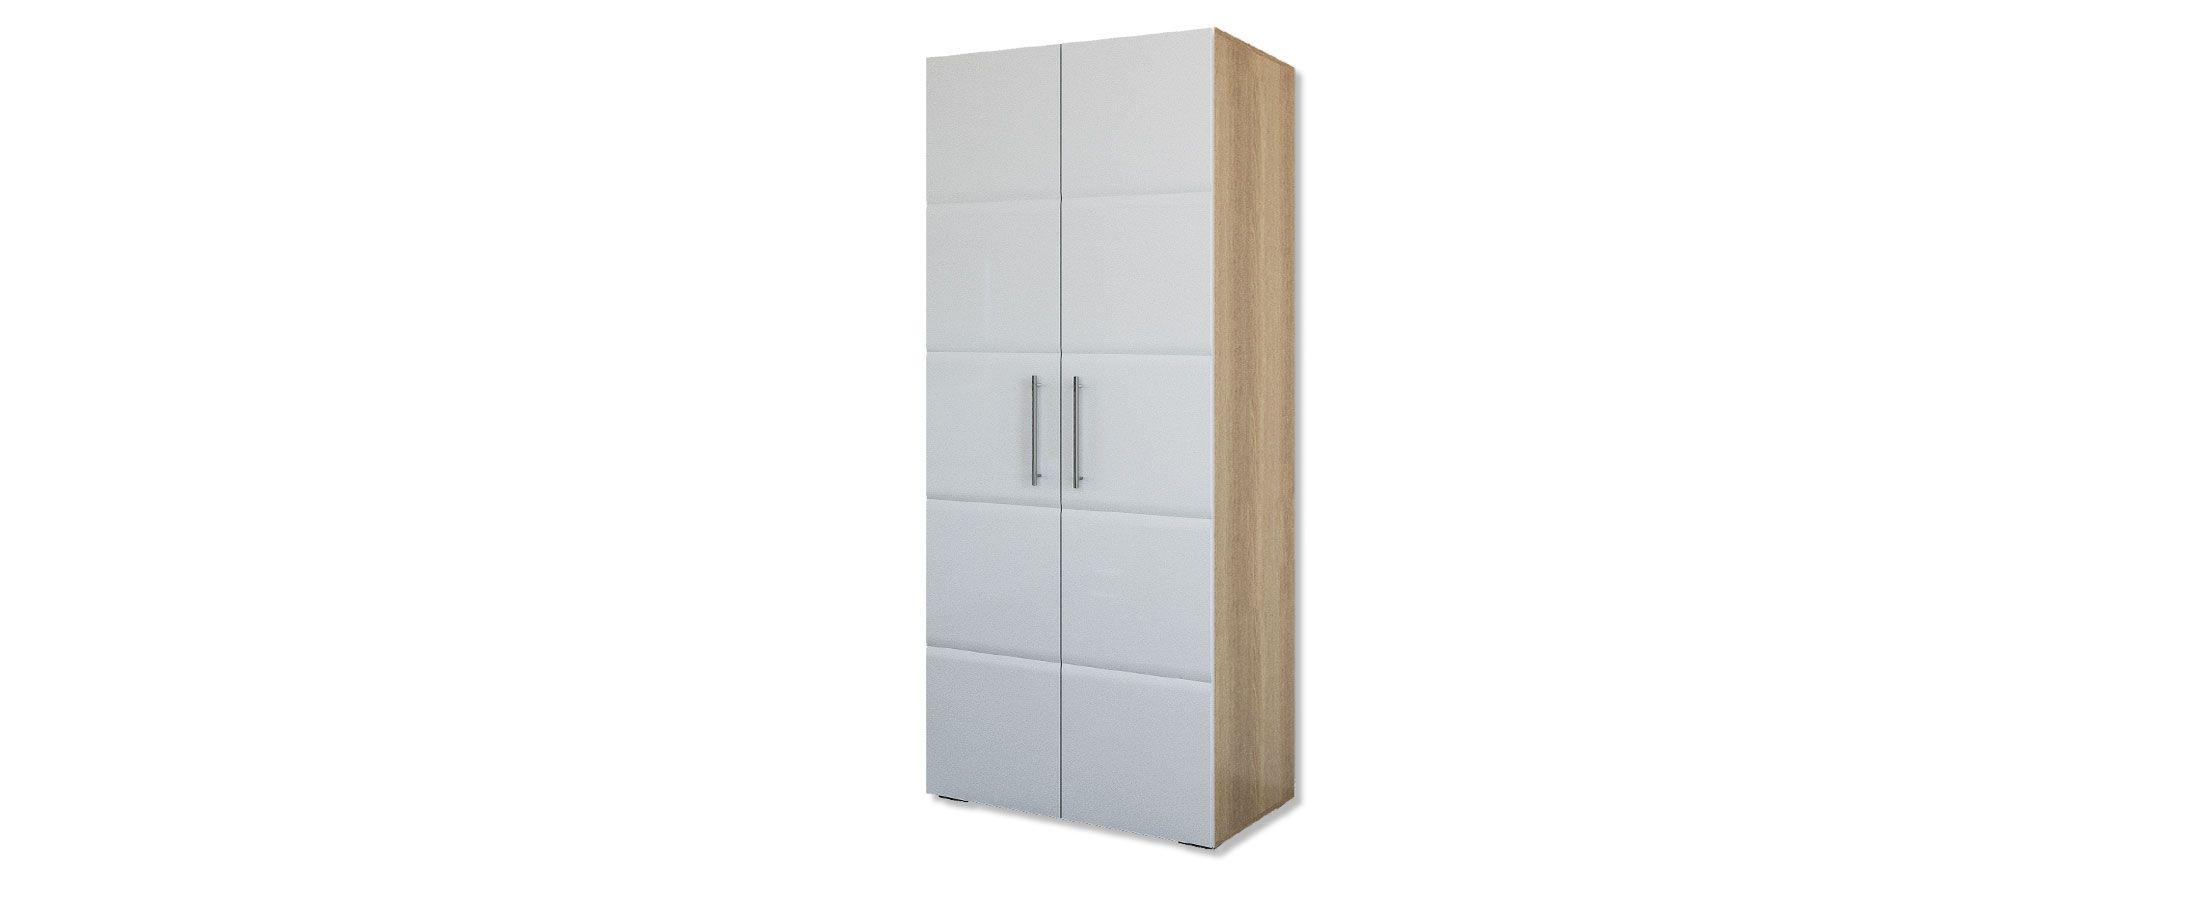 Шкаф 2-дверный СофияШкаф 2-дверный София Модель 512. Артикул Ш000026.<br>